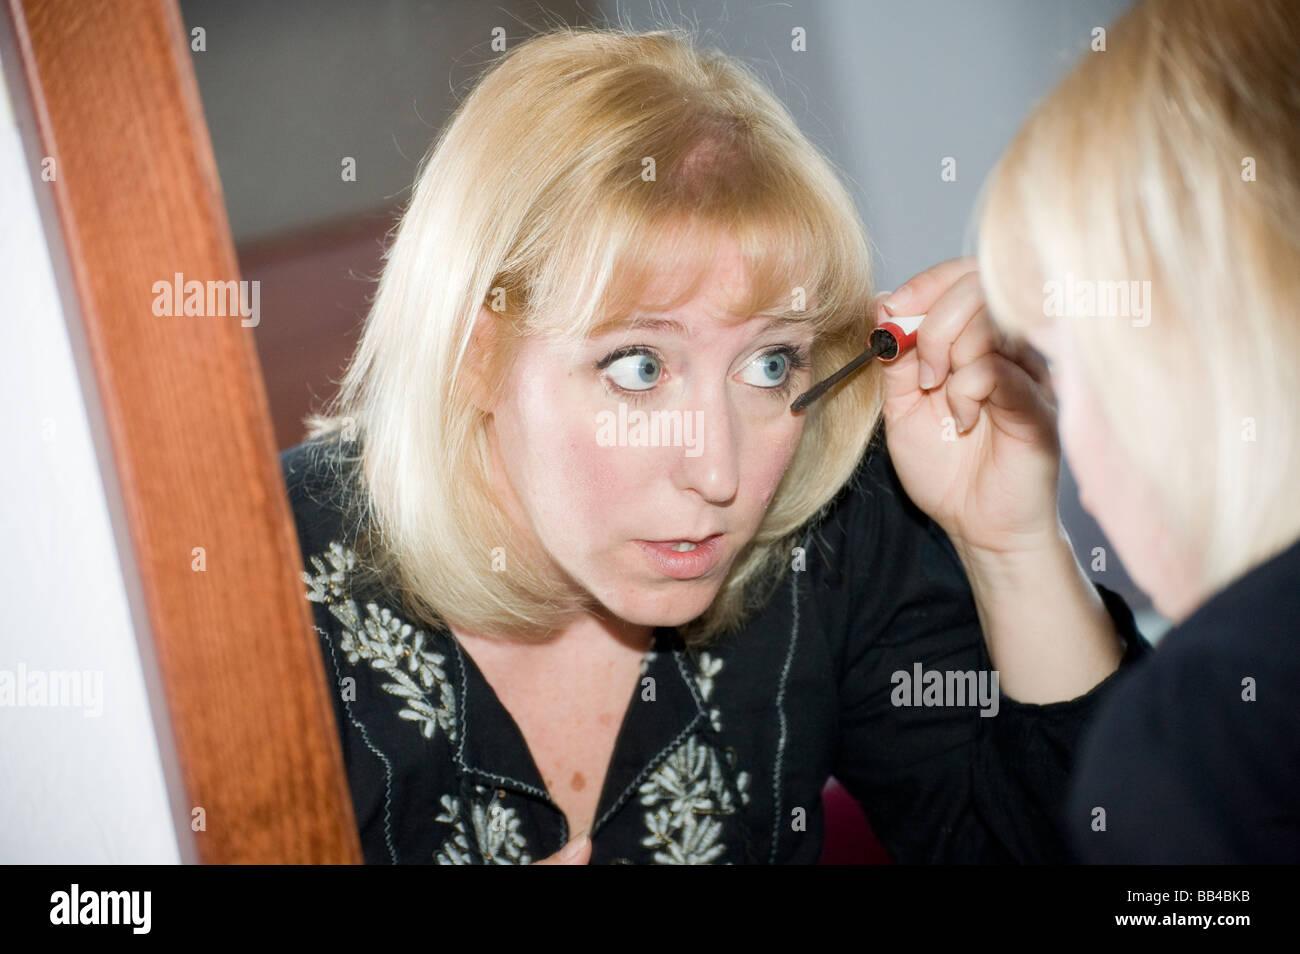 Mujer rubia mirarse a un espejo y aplicar mascara componen Imagen De Stock